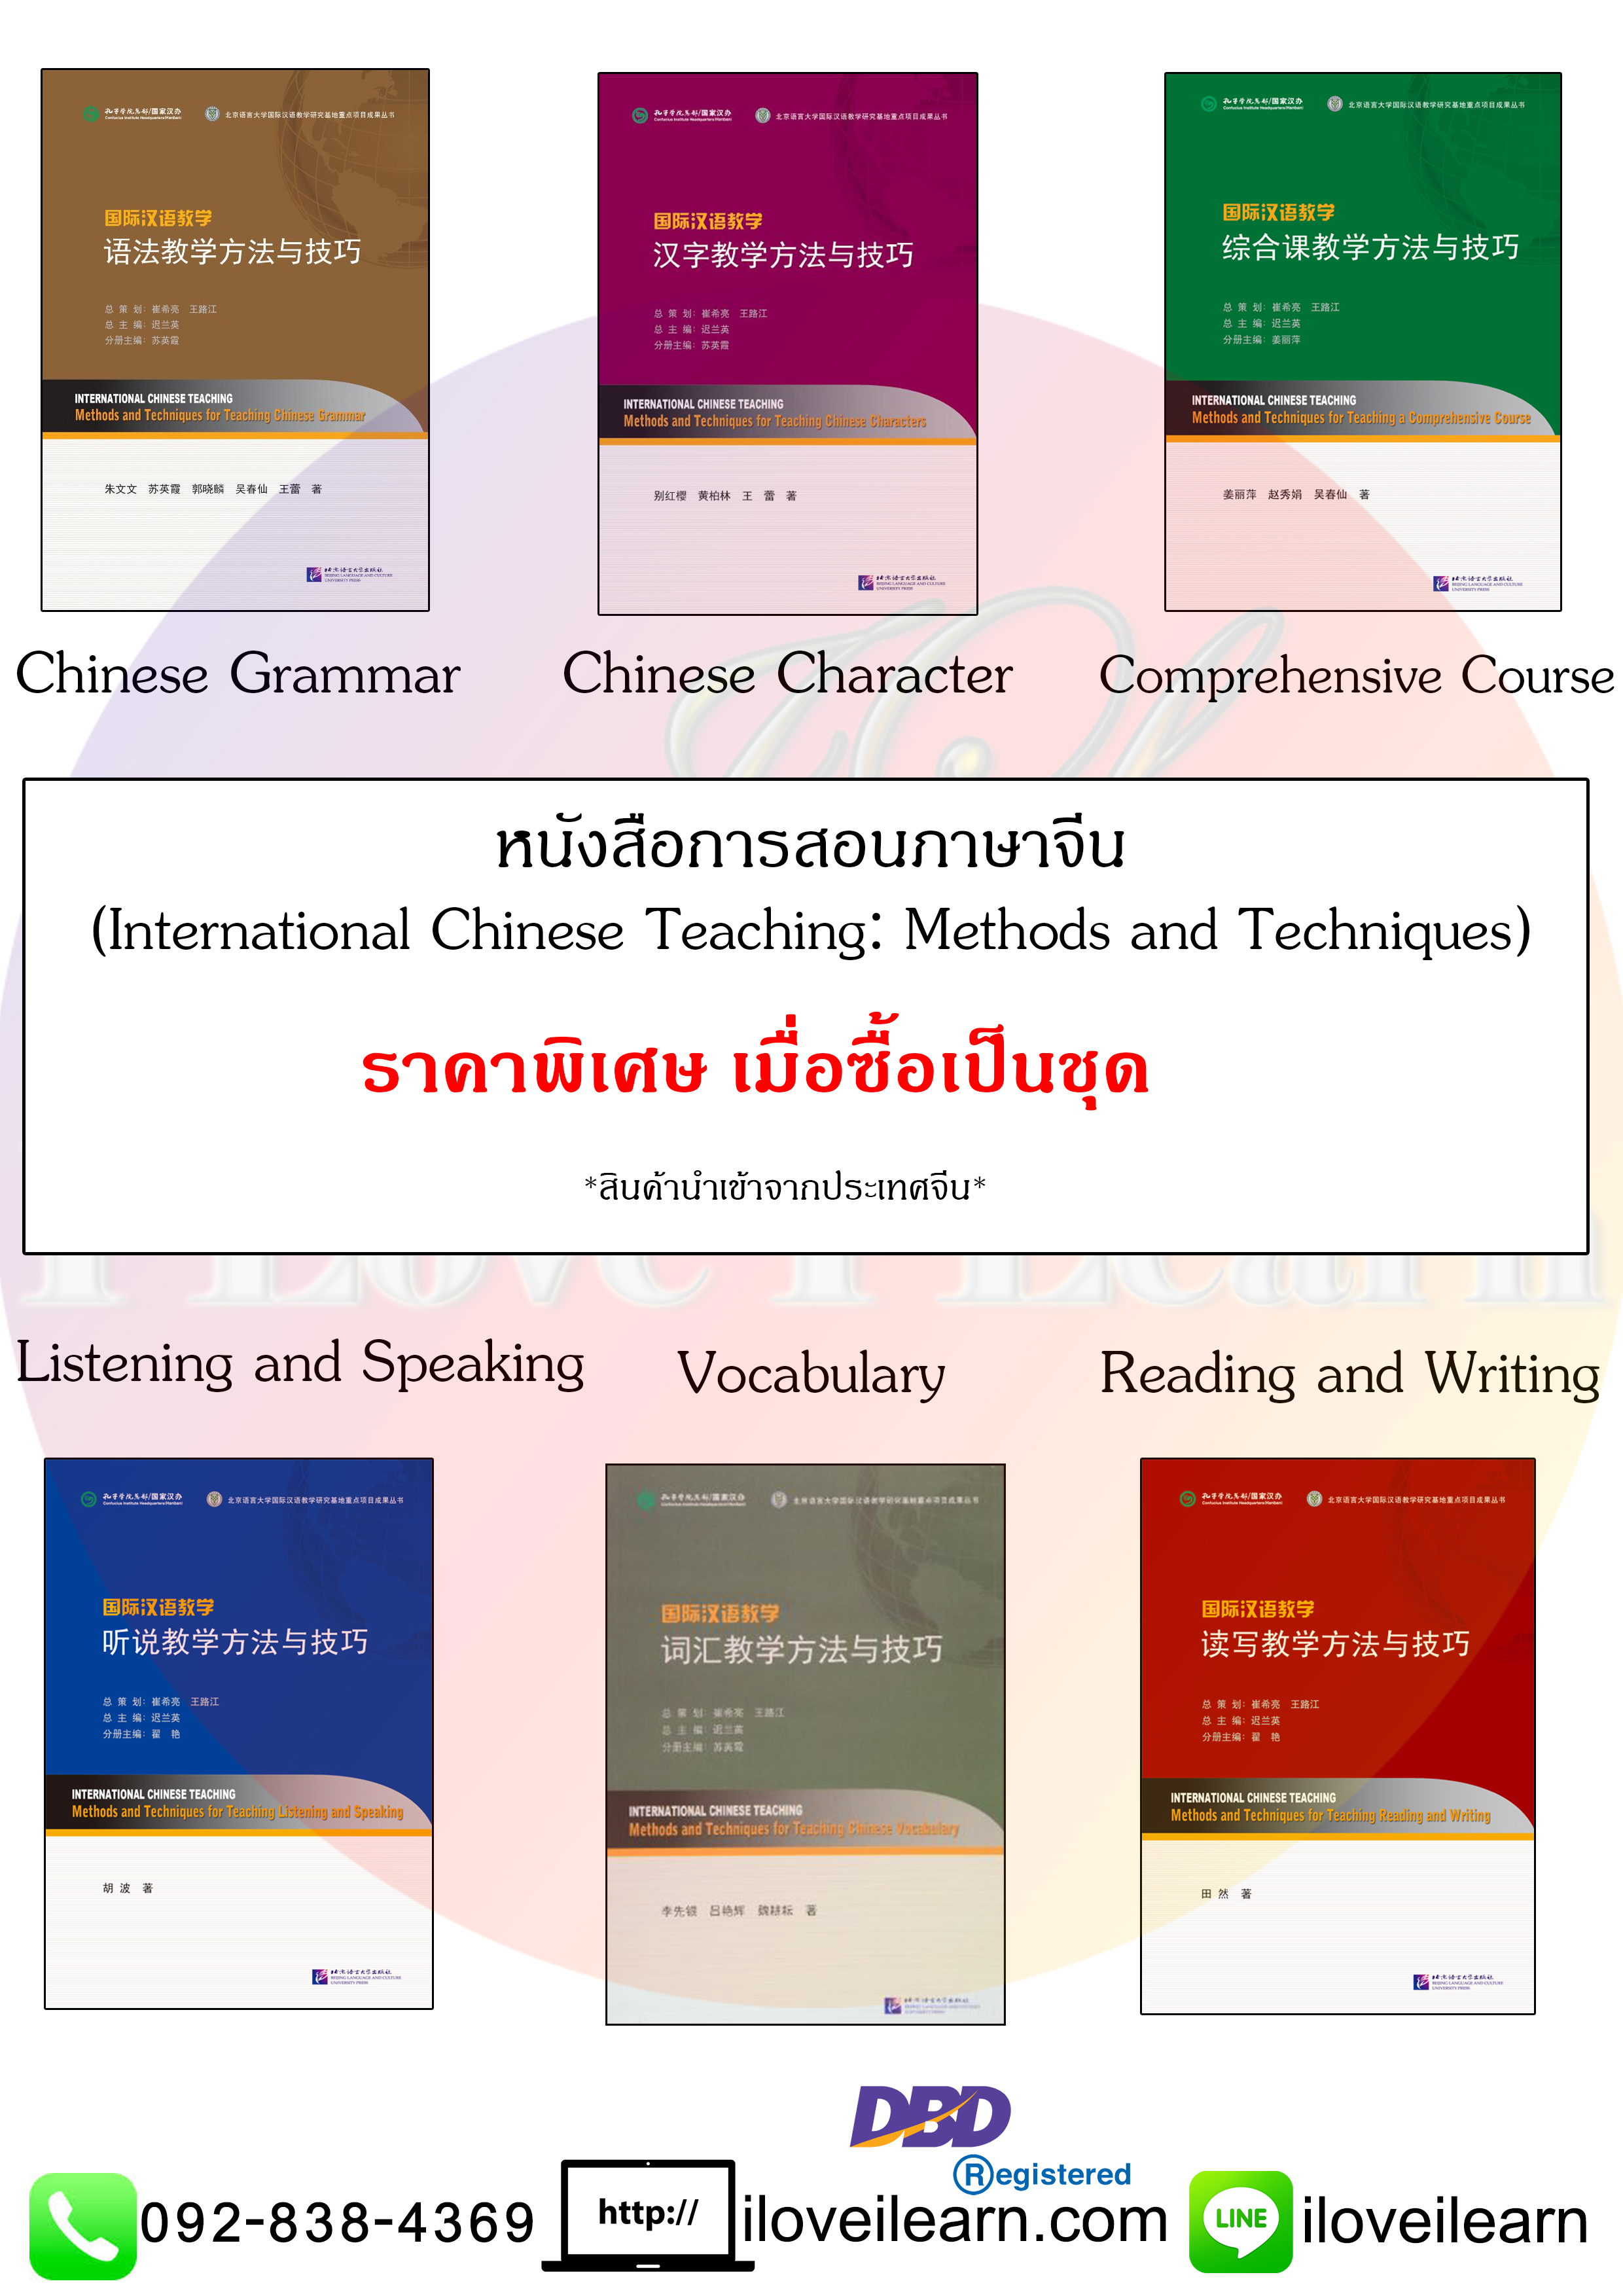 หนังสือการสอนภาษาจีน International Chinese Teaching: Methods and Techniques